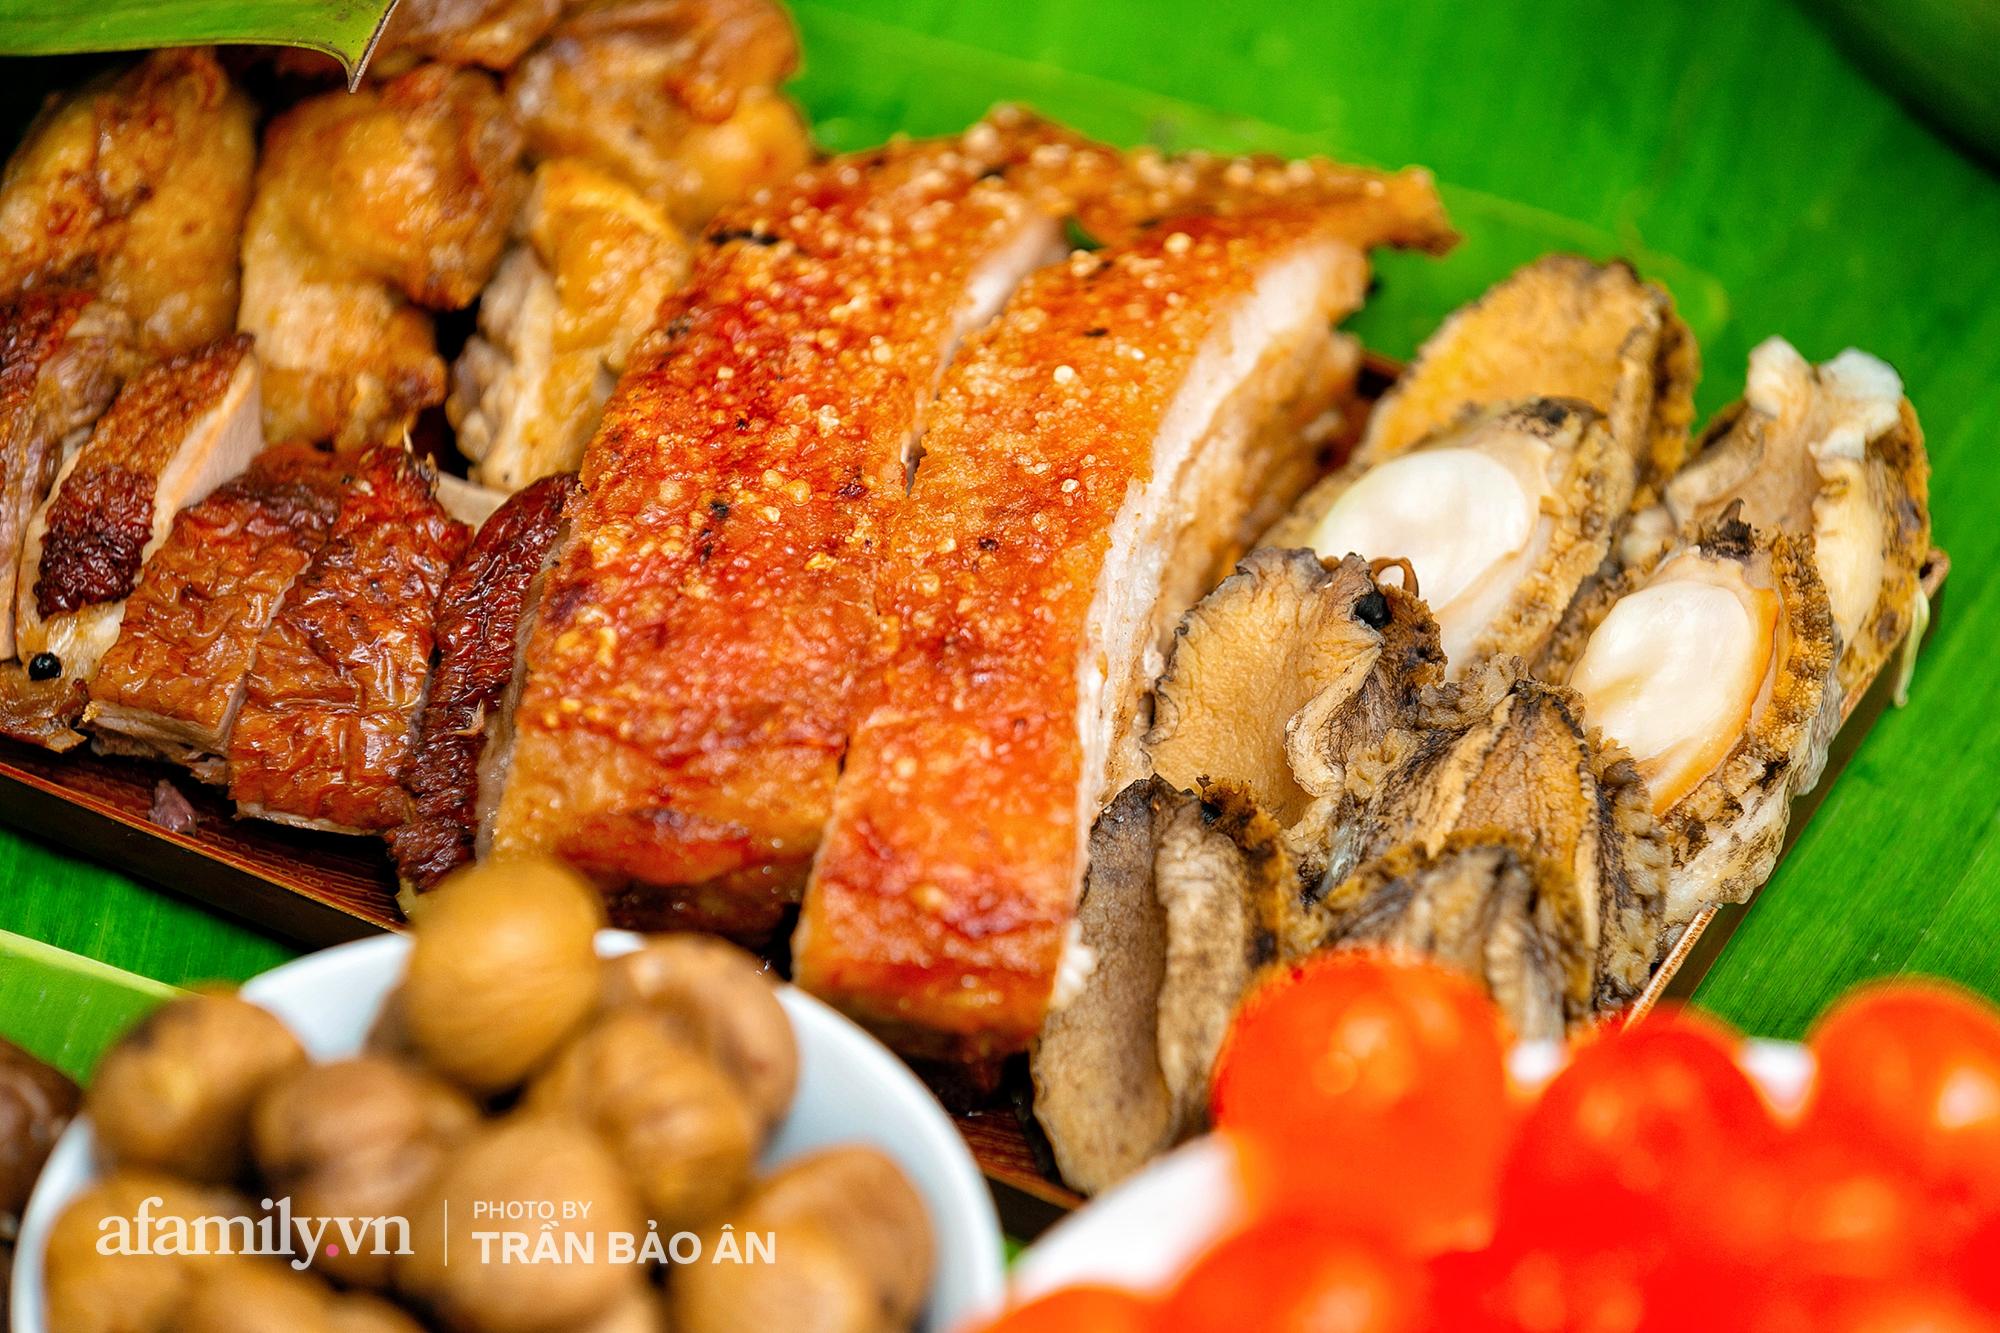 Tết Đoan Ngọ tại lò bánh Bá Trạng lâu đời nhất Sài Gòn, một cặp bánh có giá lên tới 1 triệu đồng với bào ngư, heo quay, sò điệp mà một năm chỉ được ăn duy nhất 1 lần! - Ảnh 2.